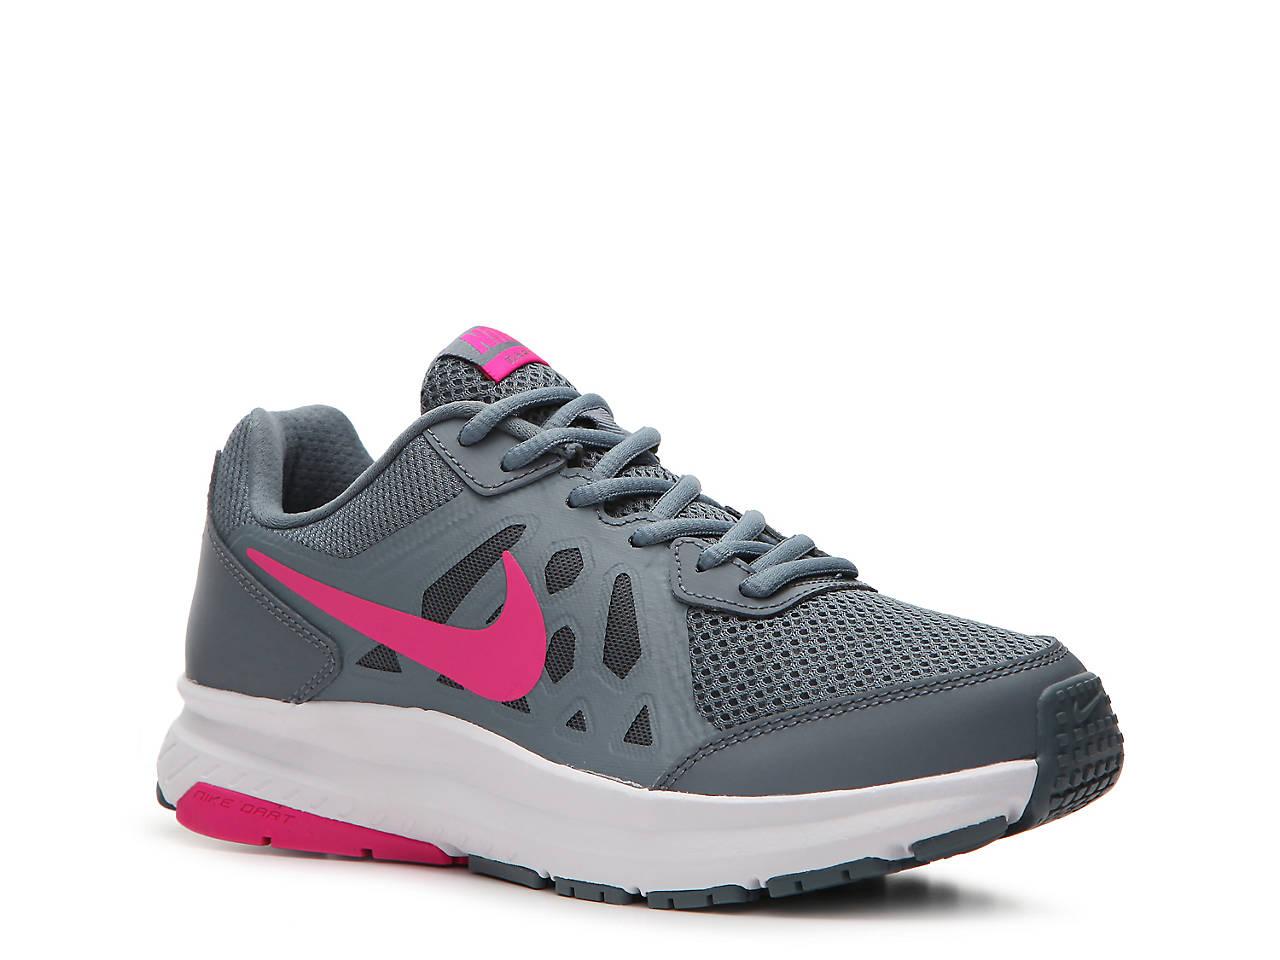 cf70f4bf661ba Nike Dart 11 Lightweight Running Shoe - Women s Women s Shoes